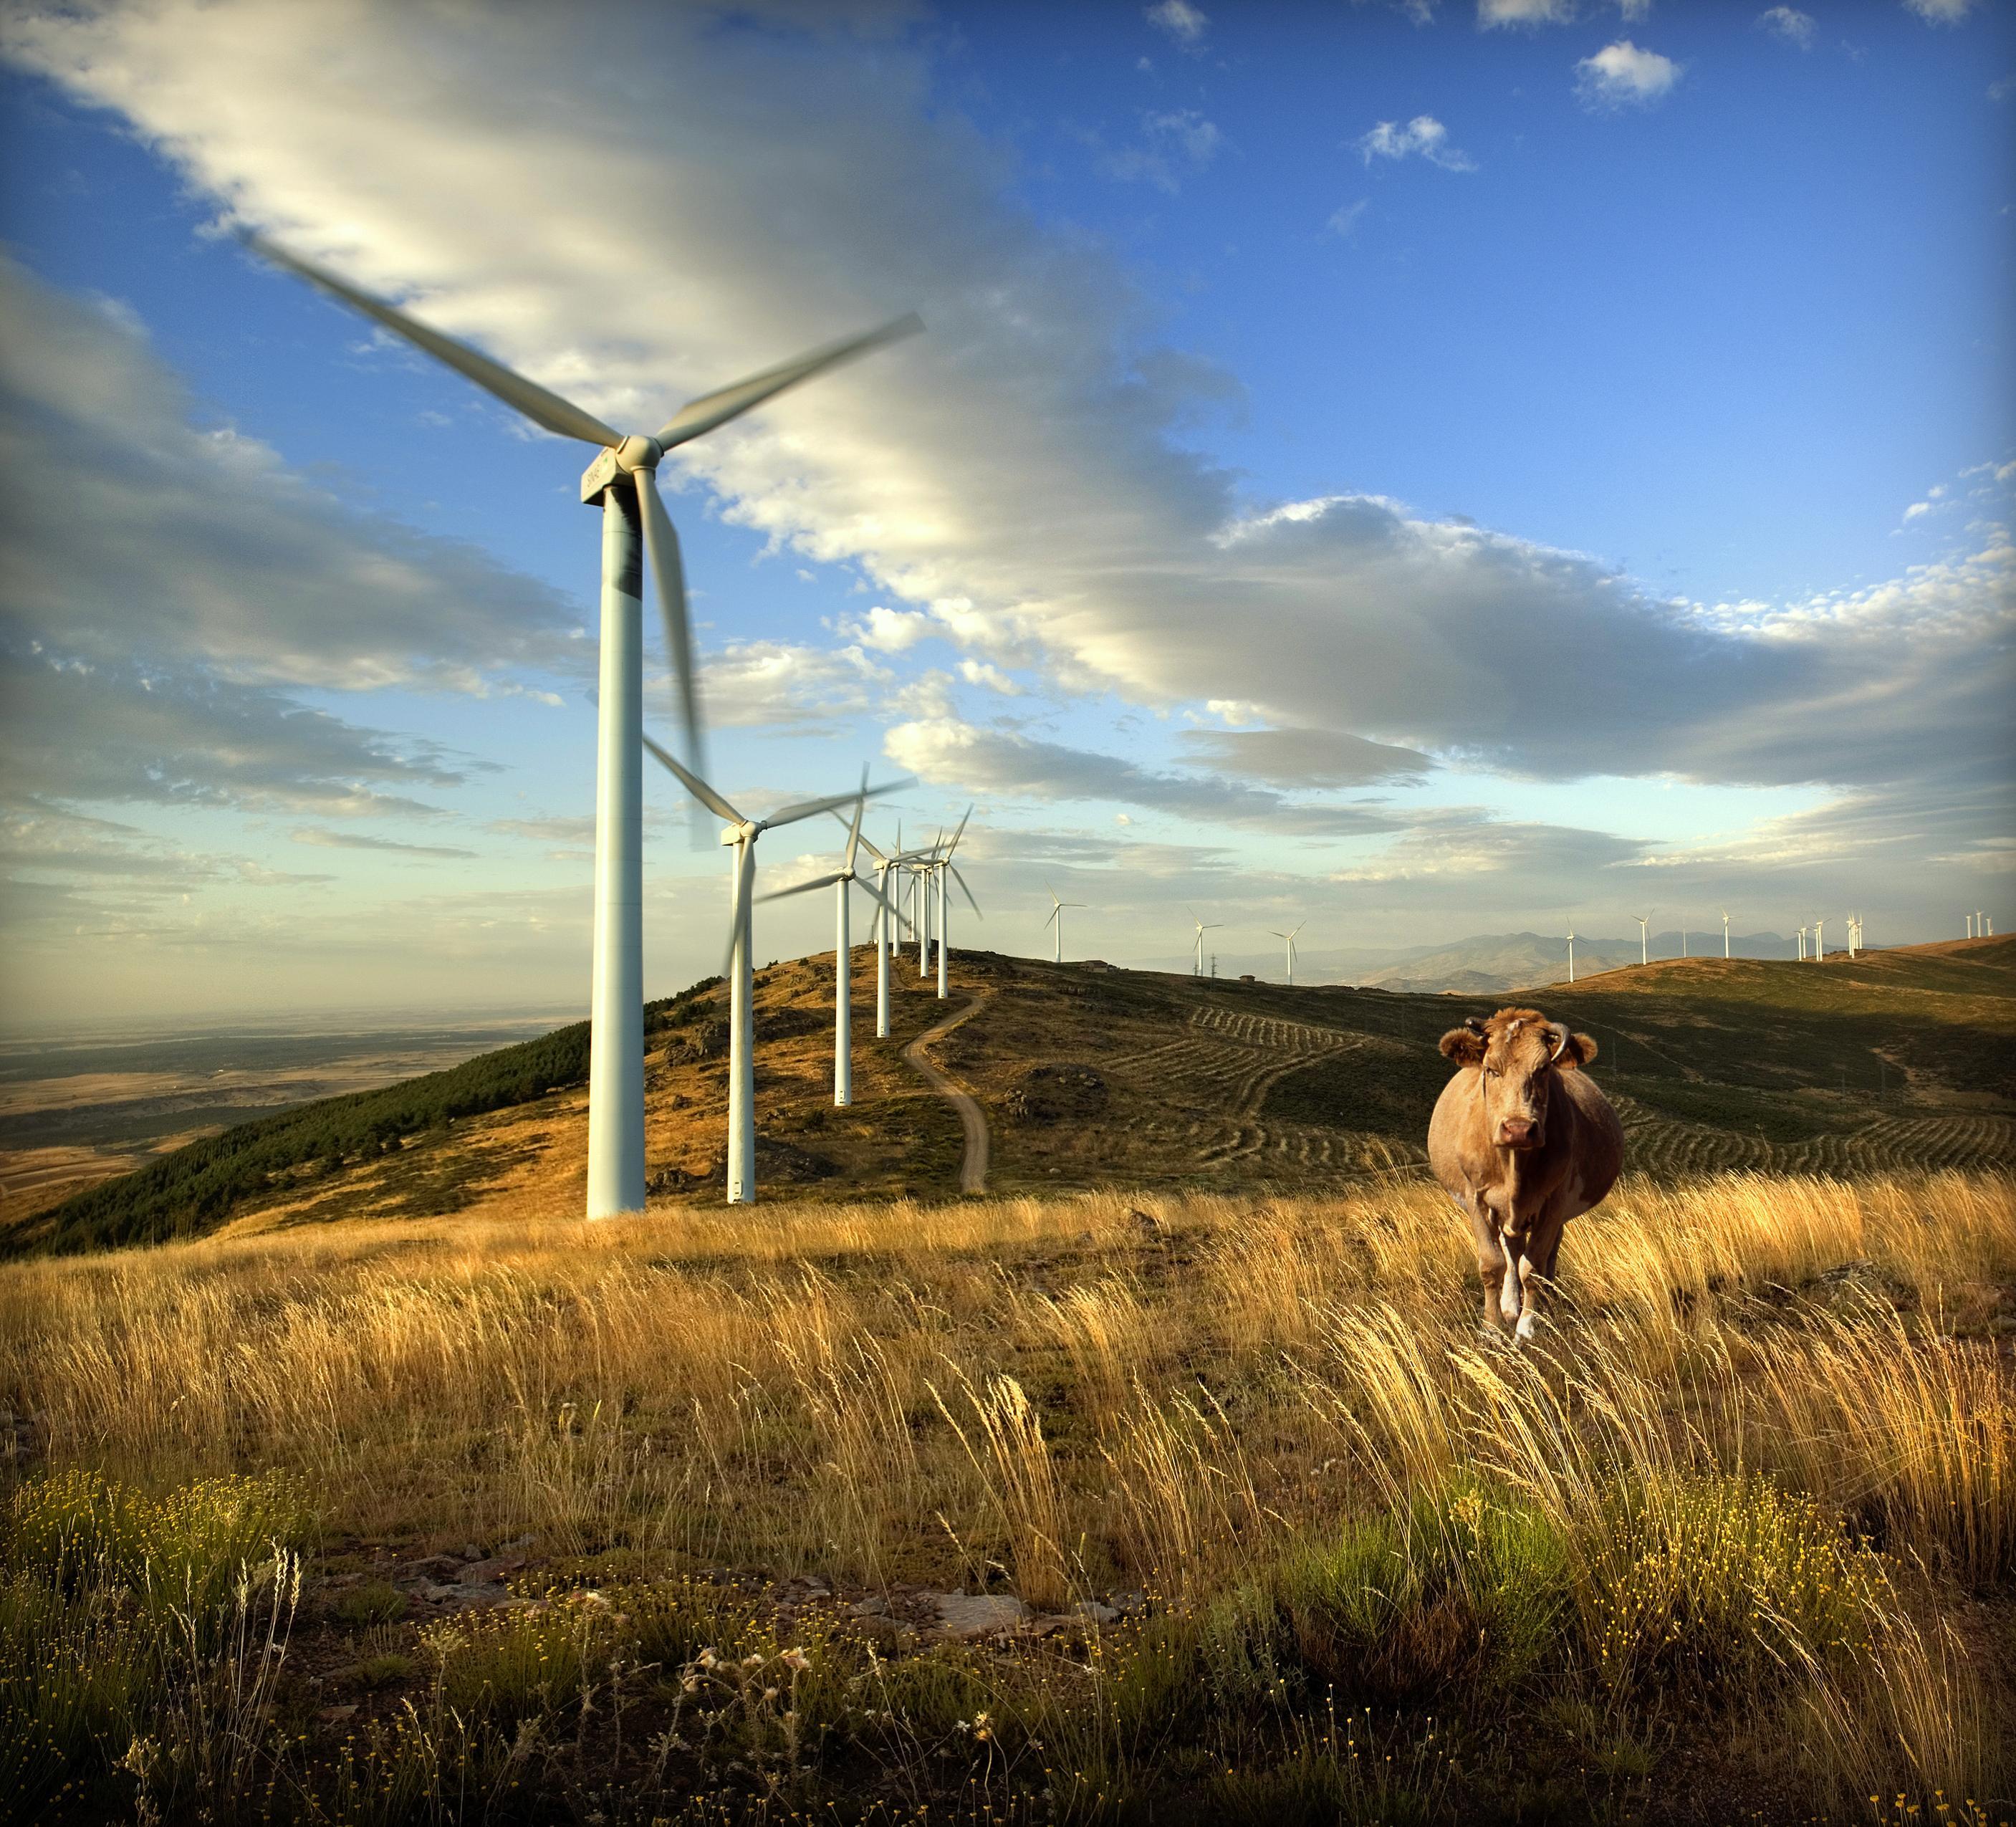 Eólica en Canadá: Inveravante desarrollará 860 MW eólicos